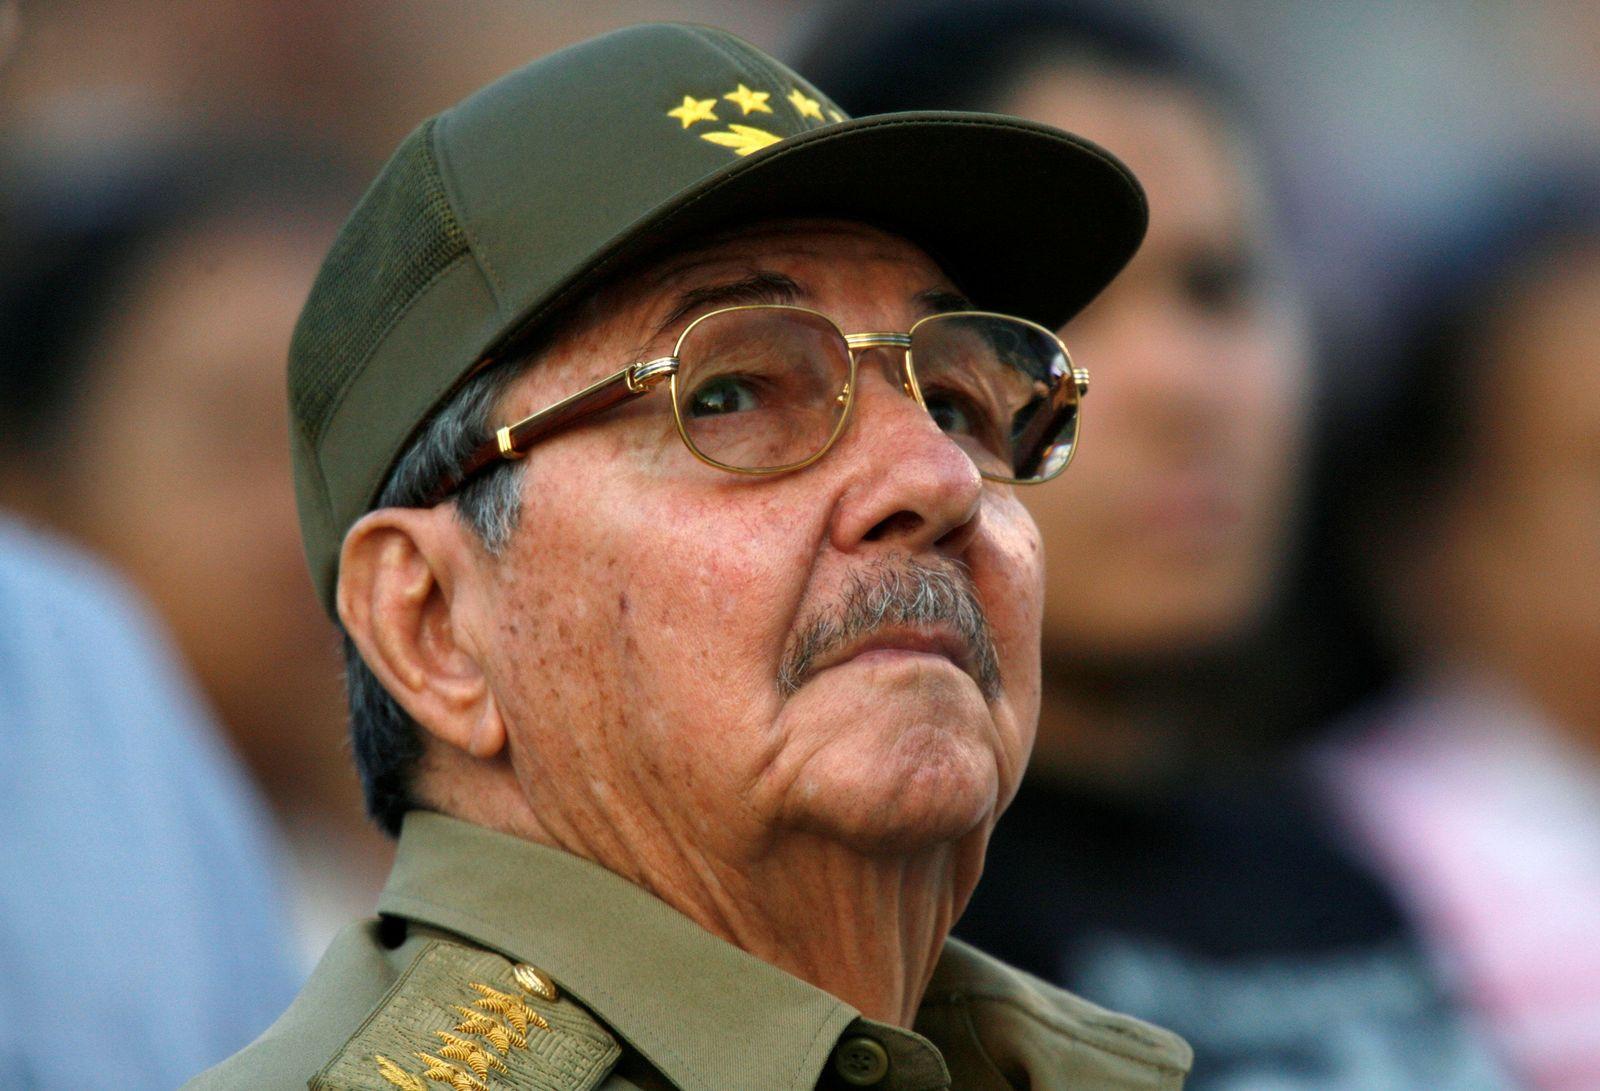 Castro / Kuba / Machtwechsel